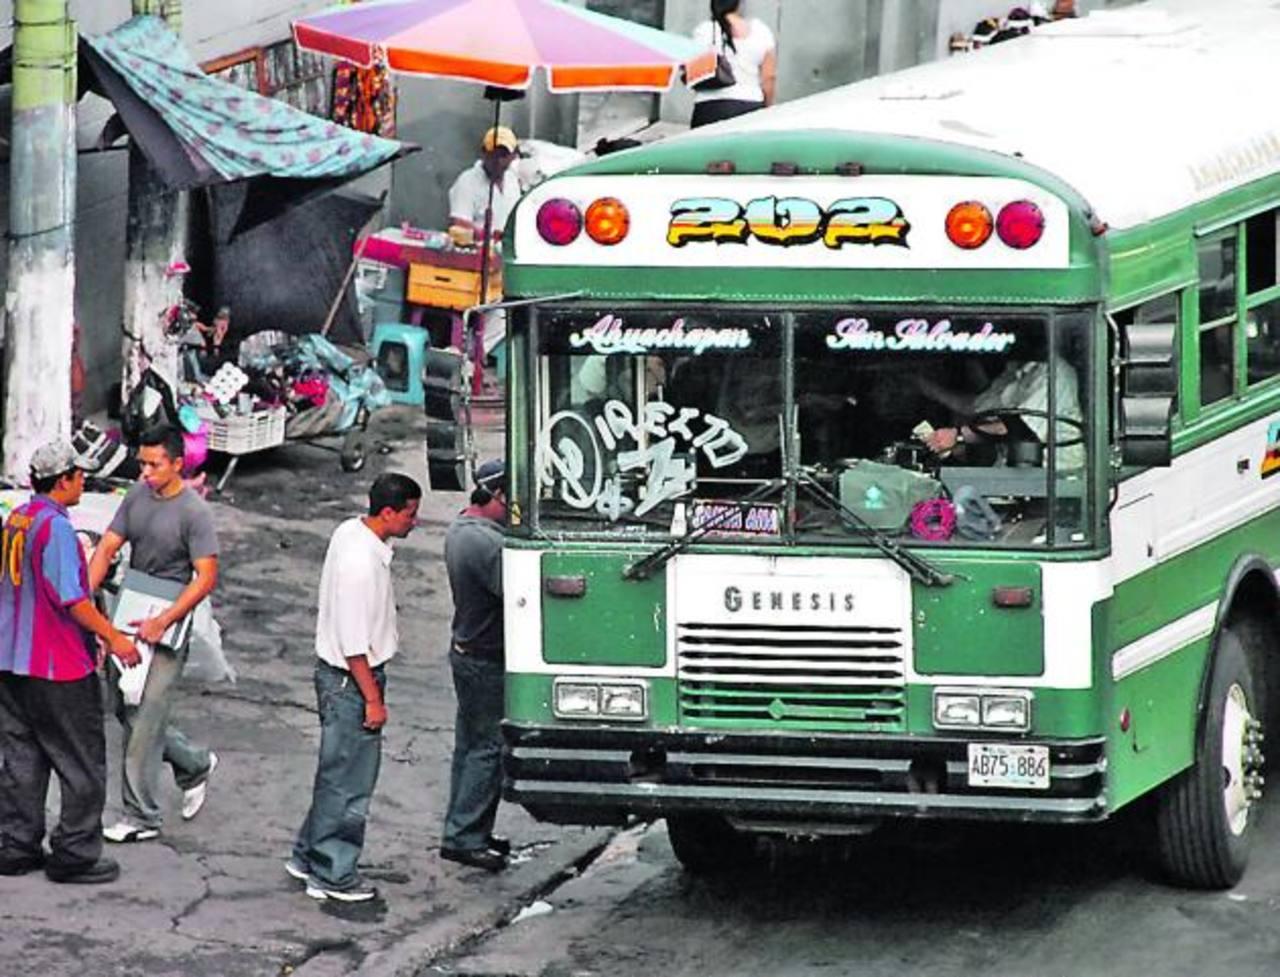 La frecuencia de salida de los buses interdepartamentales será modificada ambos días.